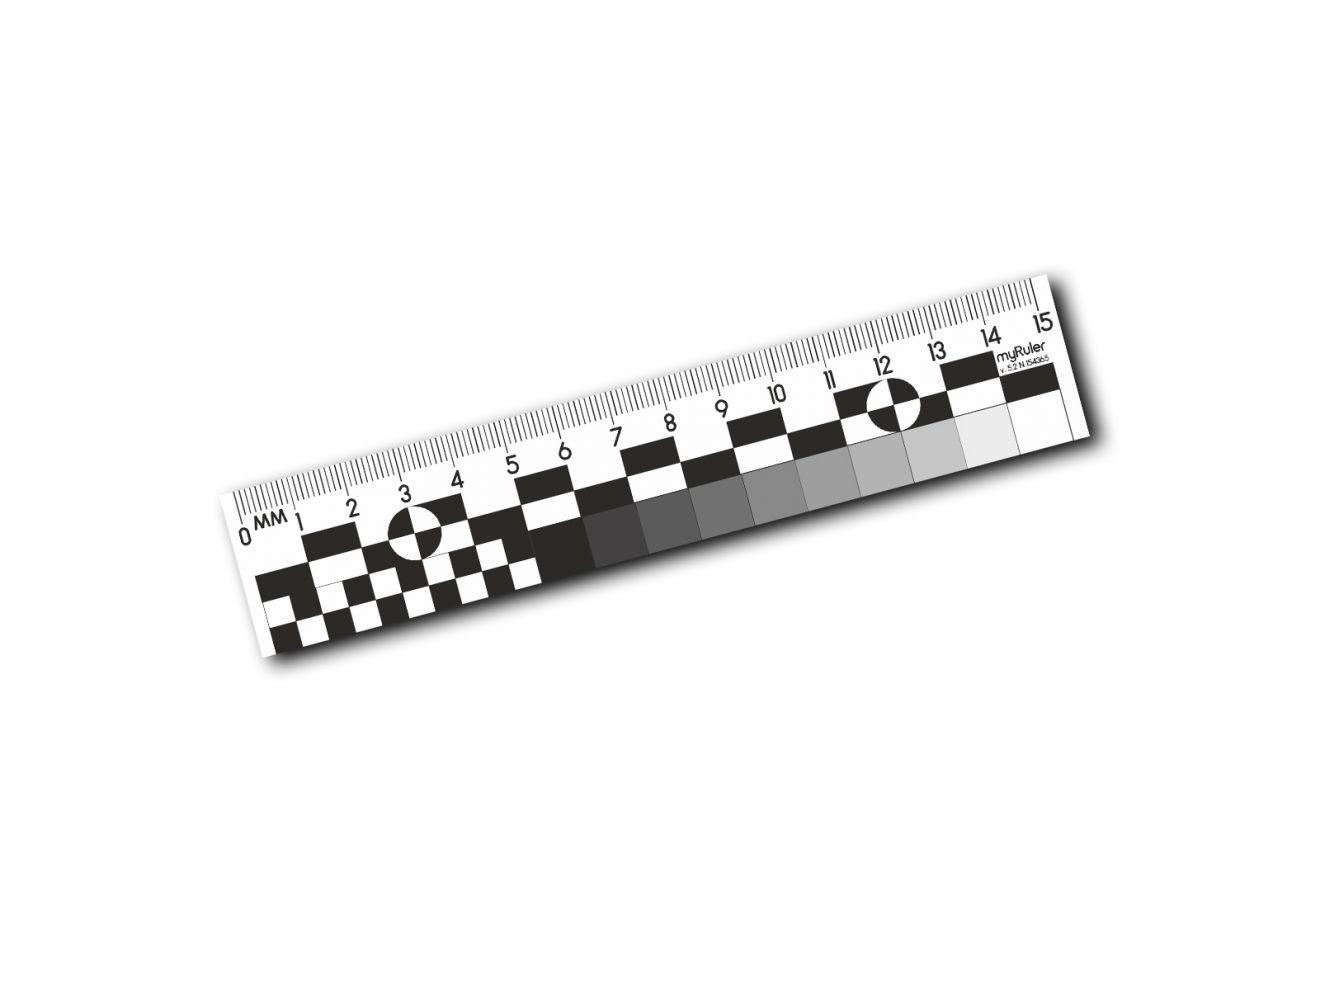 Криминалистическая масштабная пластиковая линейка v5.2 – 15см – ч/б